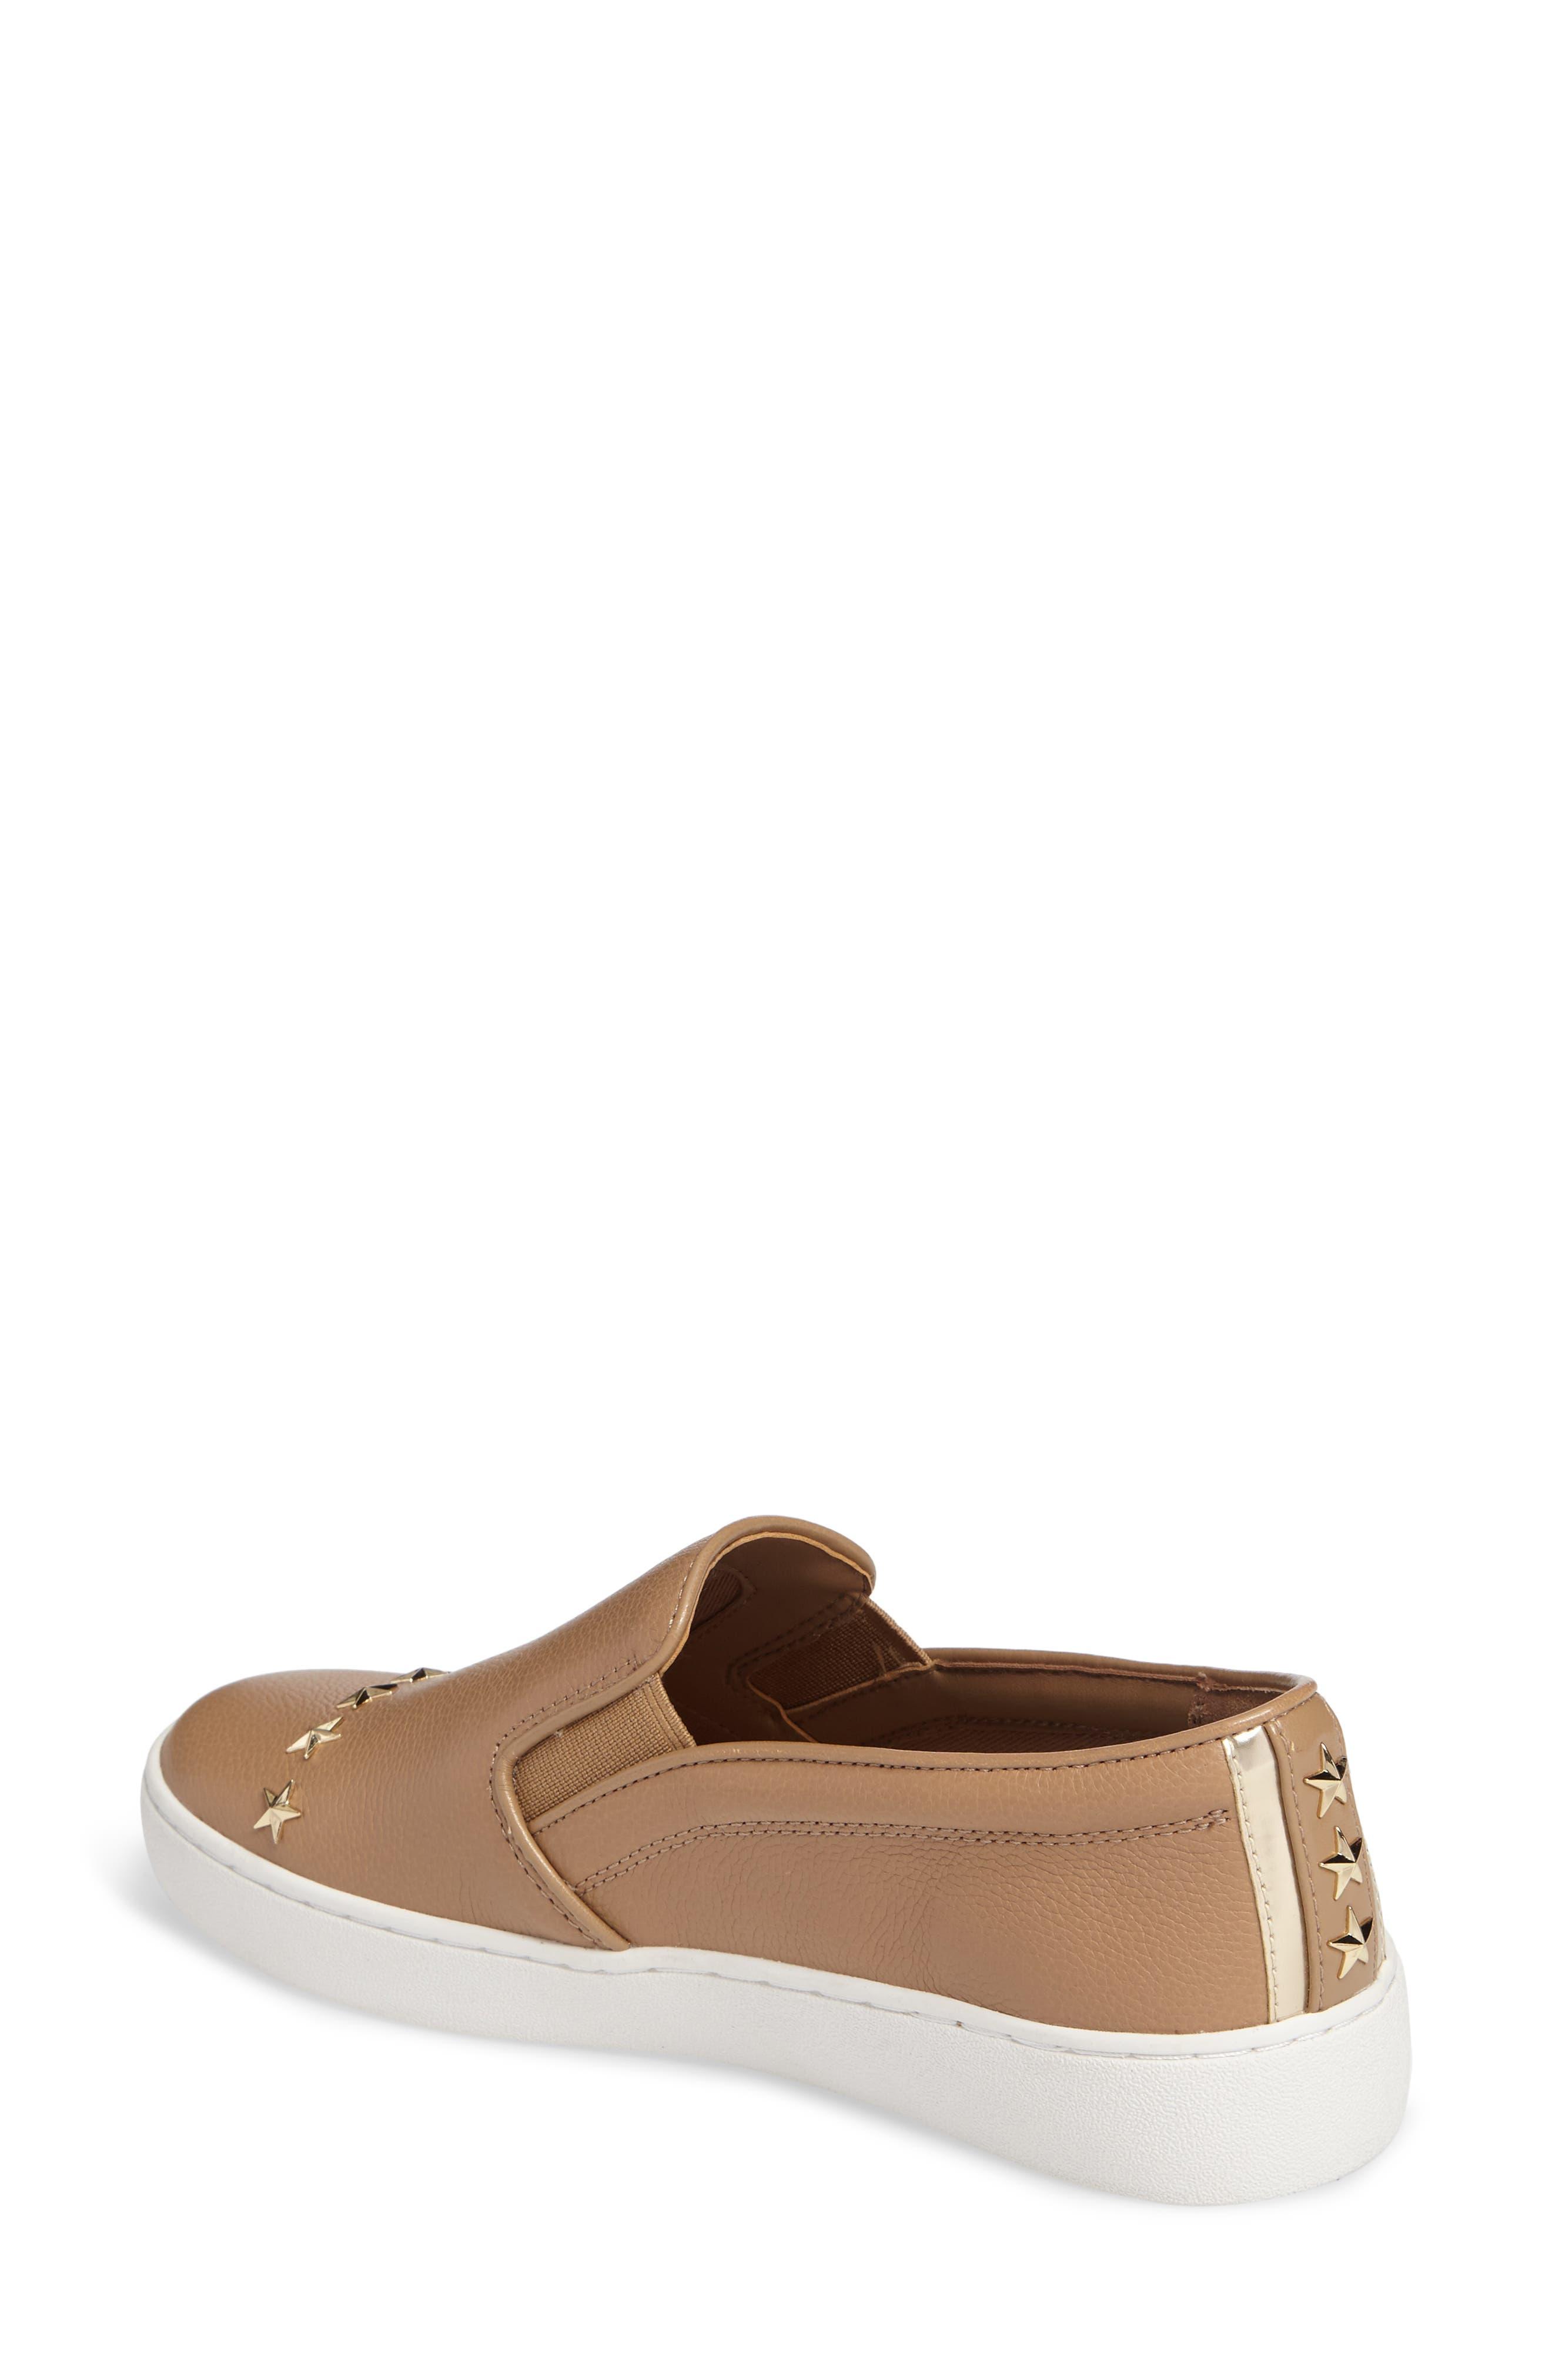 Alternate Image 2  - MICHAEL Michael Kors Keaton Slip-On Sneaker (Women)